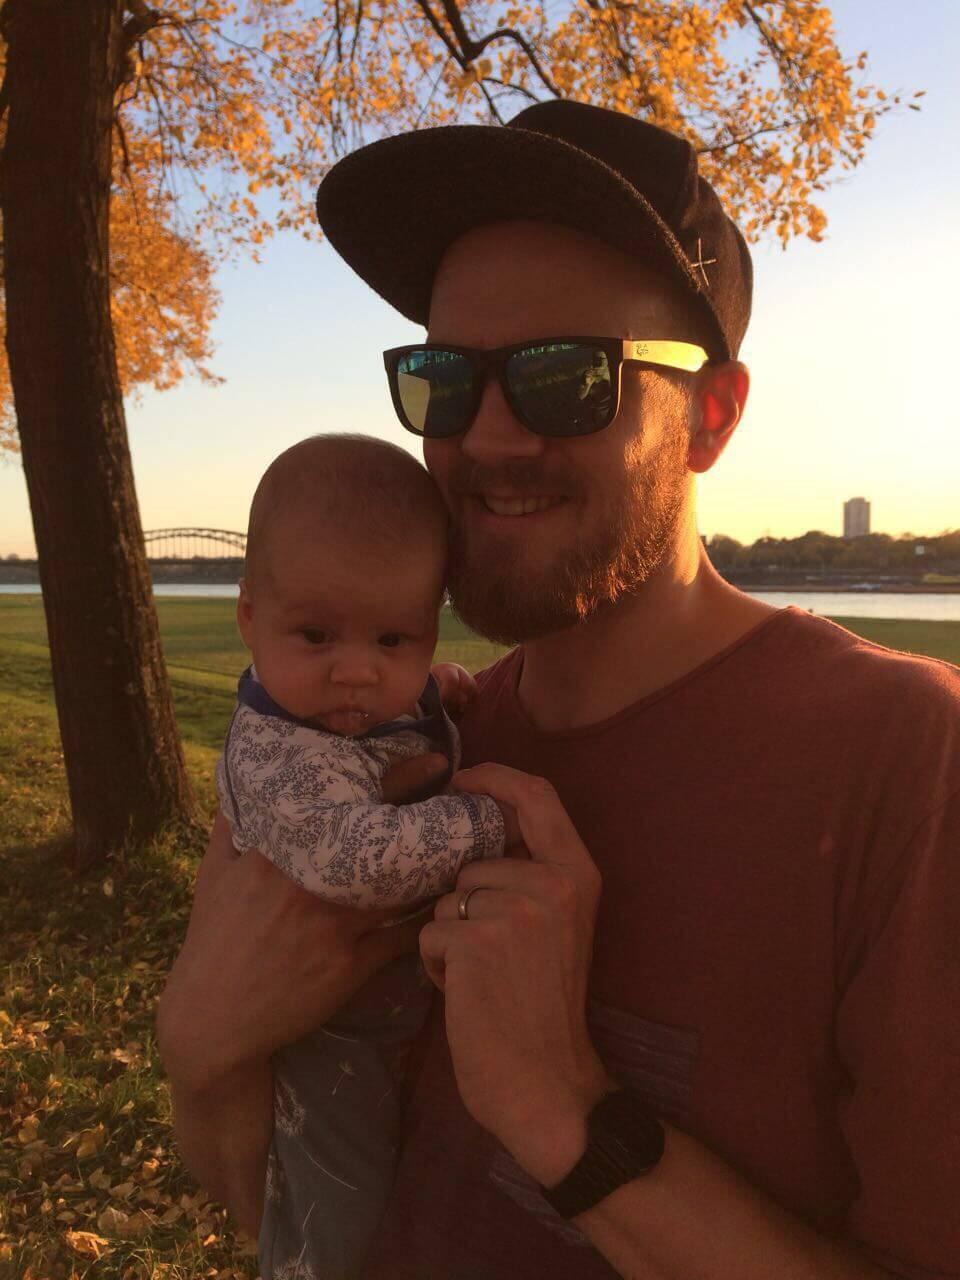 NATURSTROM-Kunde Lutz Friedrichs erzählt, wie es sich als junge Familie in Köln nachhaltig leben lässt.